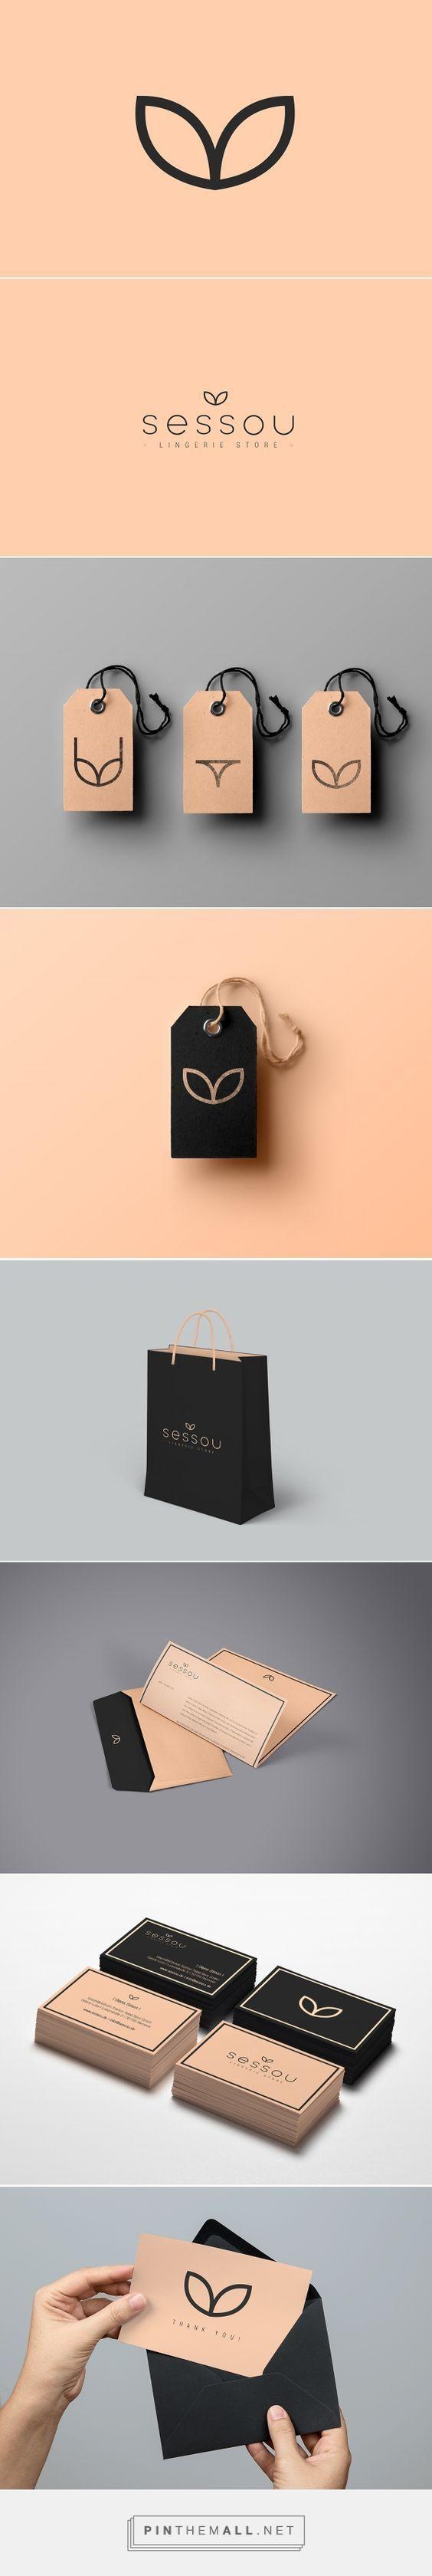 Trovo raffinato e ingegnoso questo logo per un negozio di intimo.   Guarda i 3 cartellini per capire da cosa è nato!  Logo di Andrea Cutura